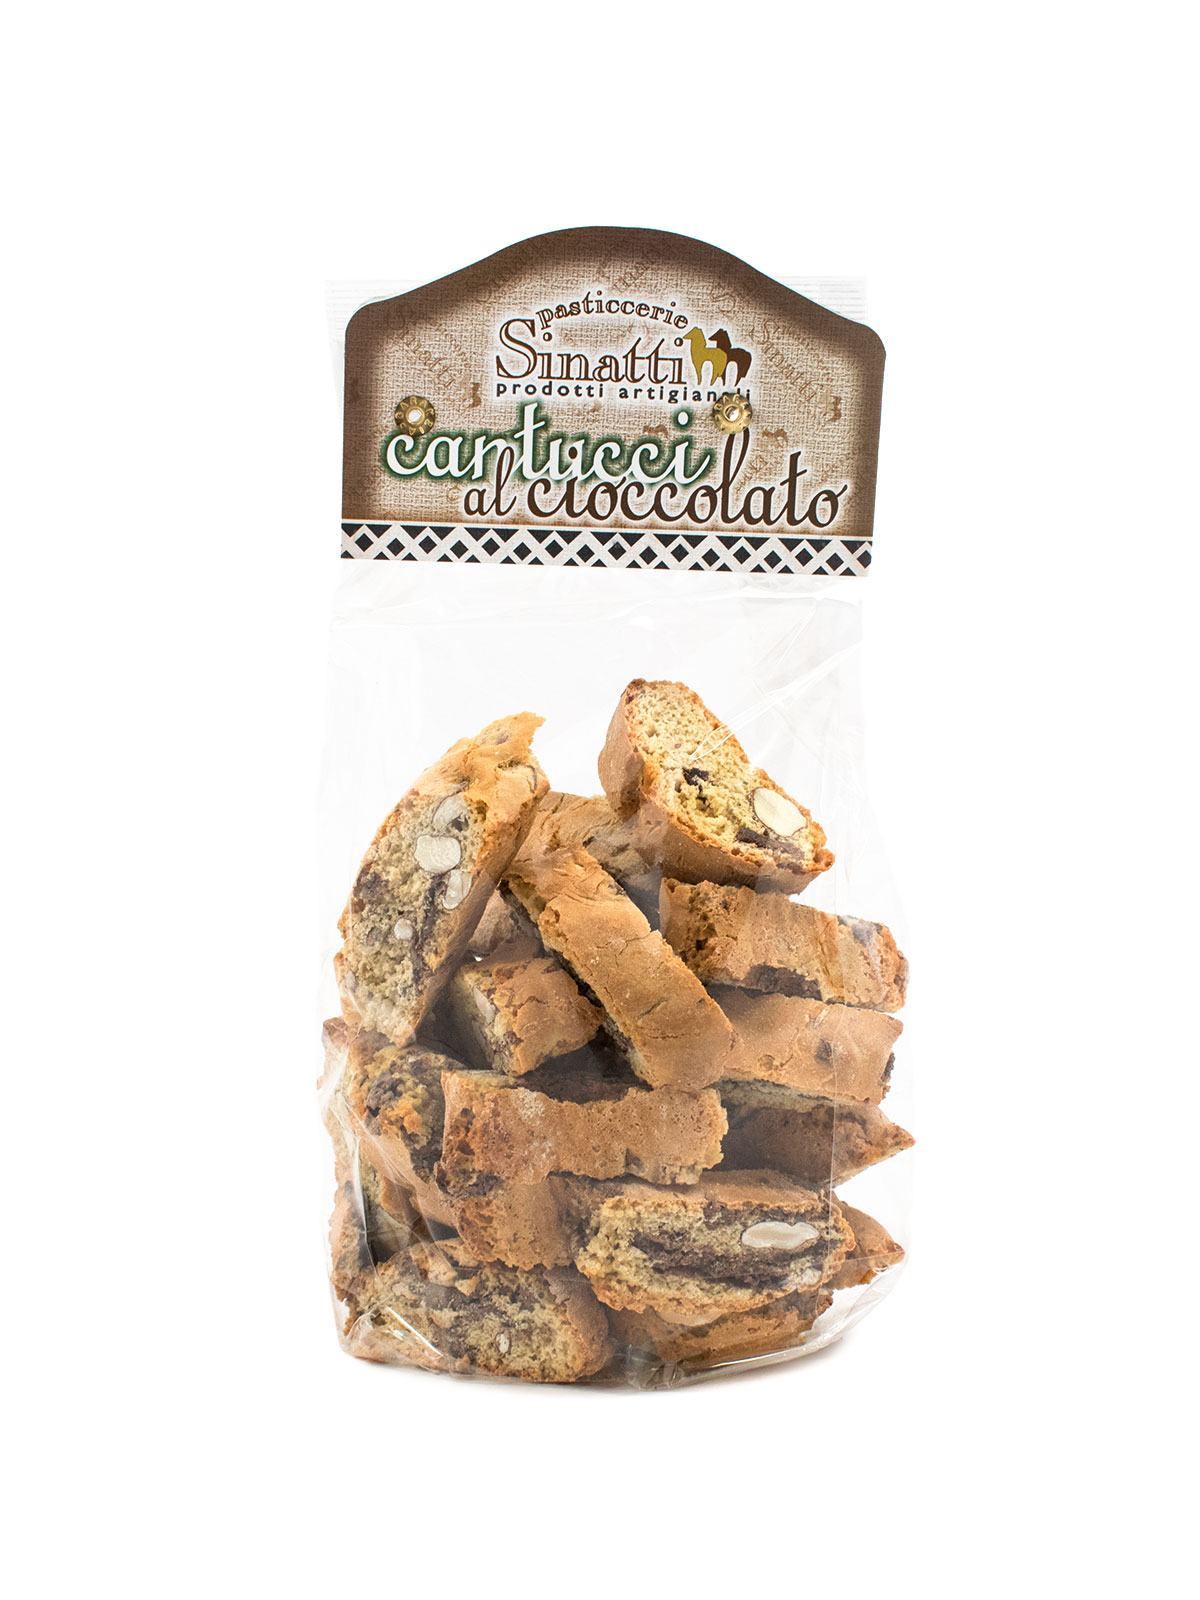 Sinatti Cantucci Cioccolato - Sweets, Treats & Snacks - Buon'Italia